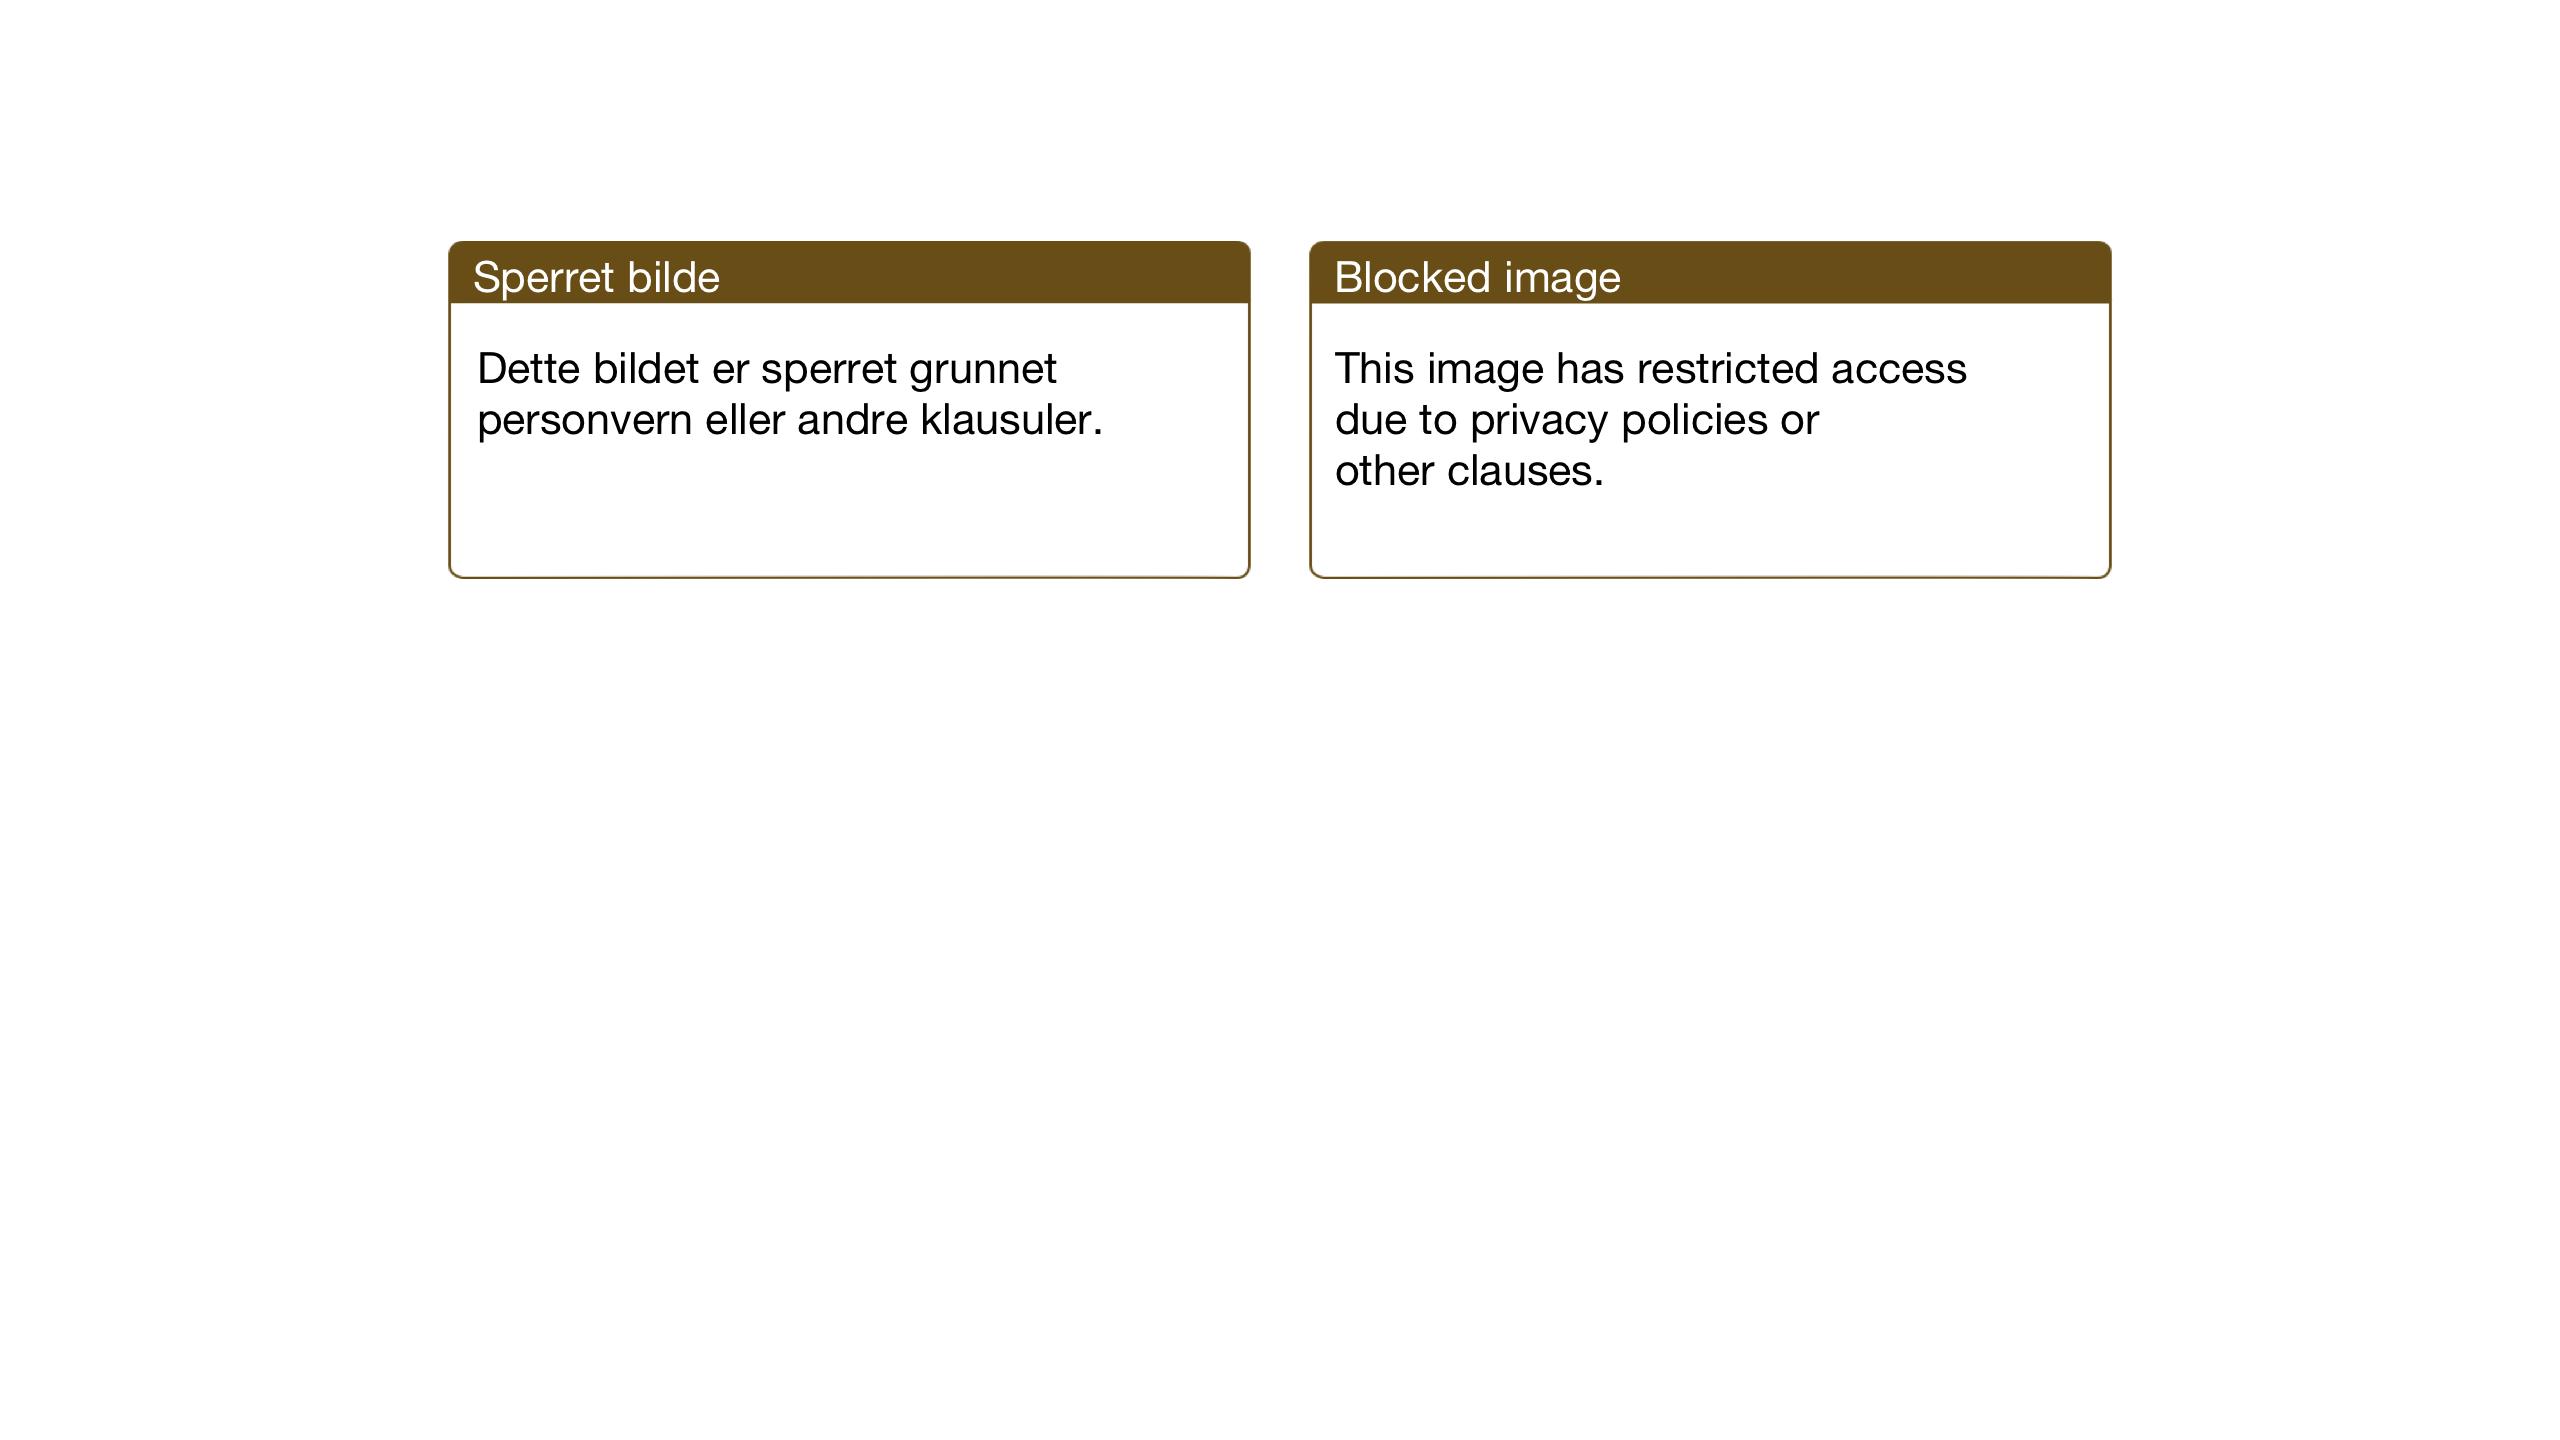 SAT, Ministerialprotokoller, klokkerbøker og fødselsregistre - Sør-Trøndelag, 696/L1161: Klokkerbok nr. 696C01, 1902-1950, s. 75